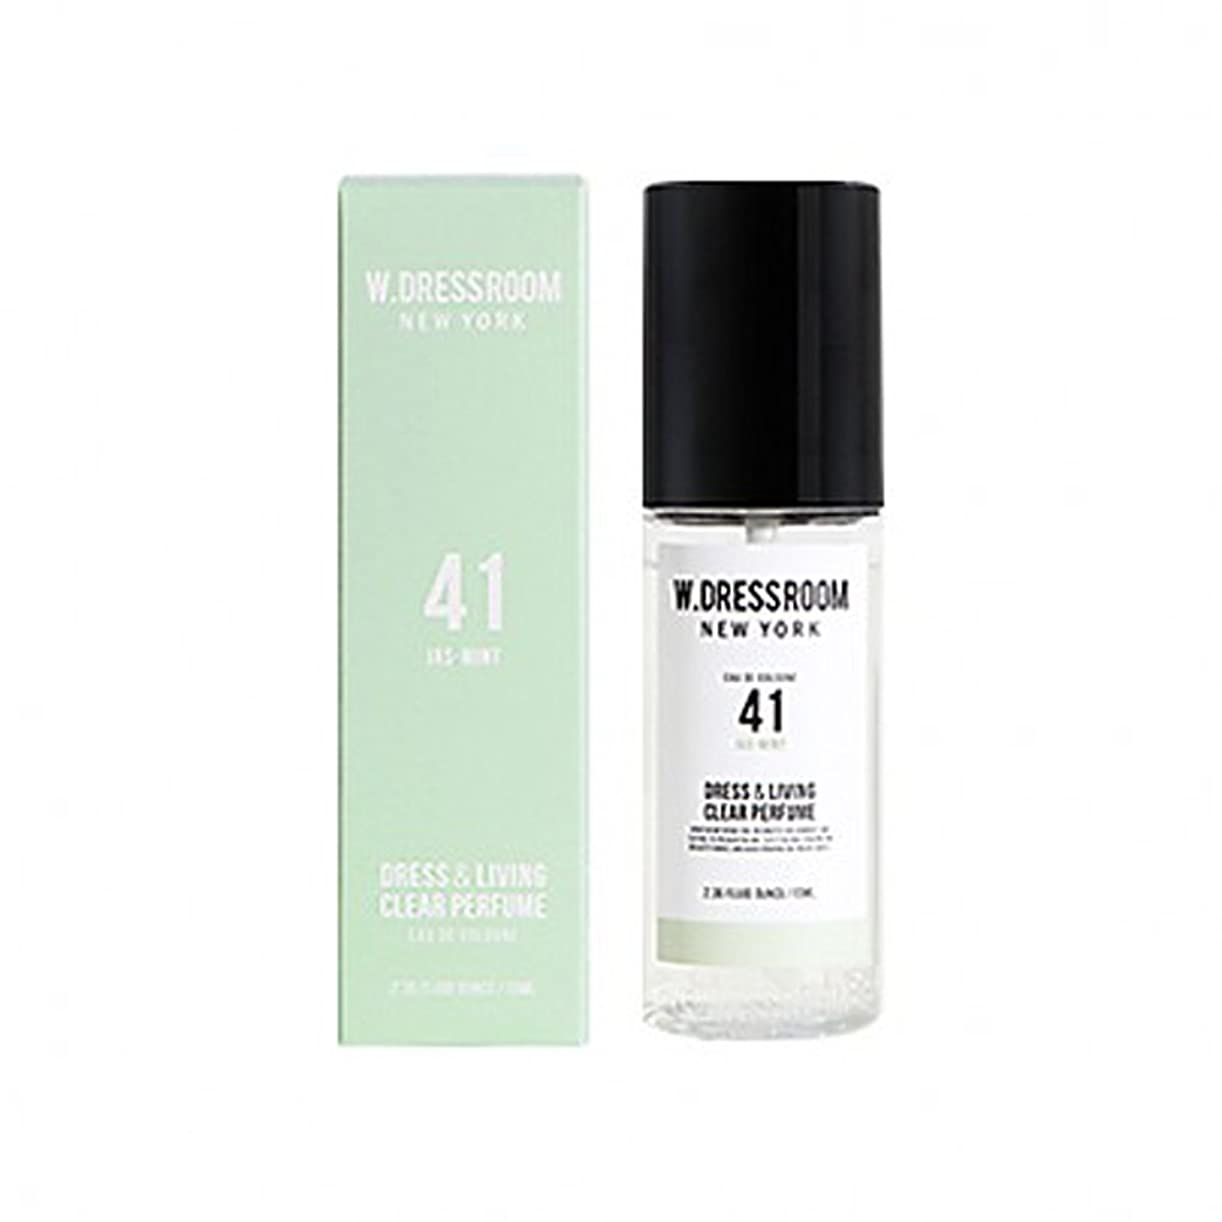 居眠りする受け皿倒錯W.DRESSROOM Dress & Living Clear Perfume fragrance 70ml (#No.41 Jas-Mint)/ダブルドレスルーム ドレス&リビング クリア パフューム 70ml (#No.41 Jas-Mint)